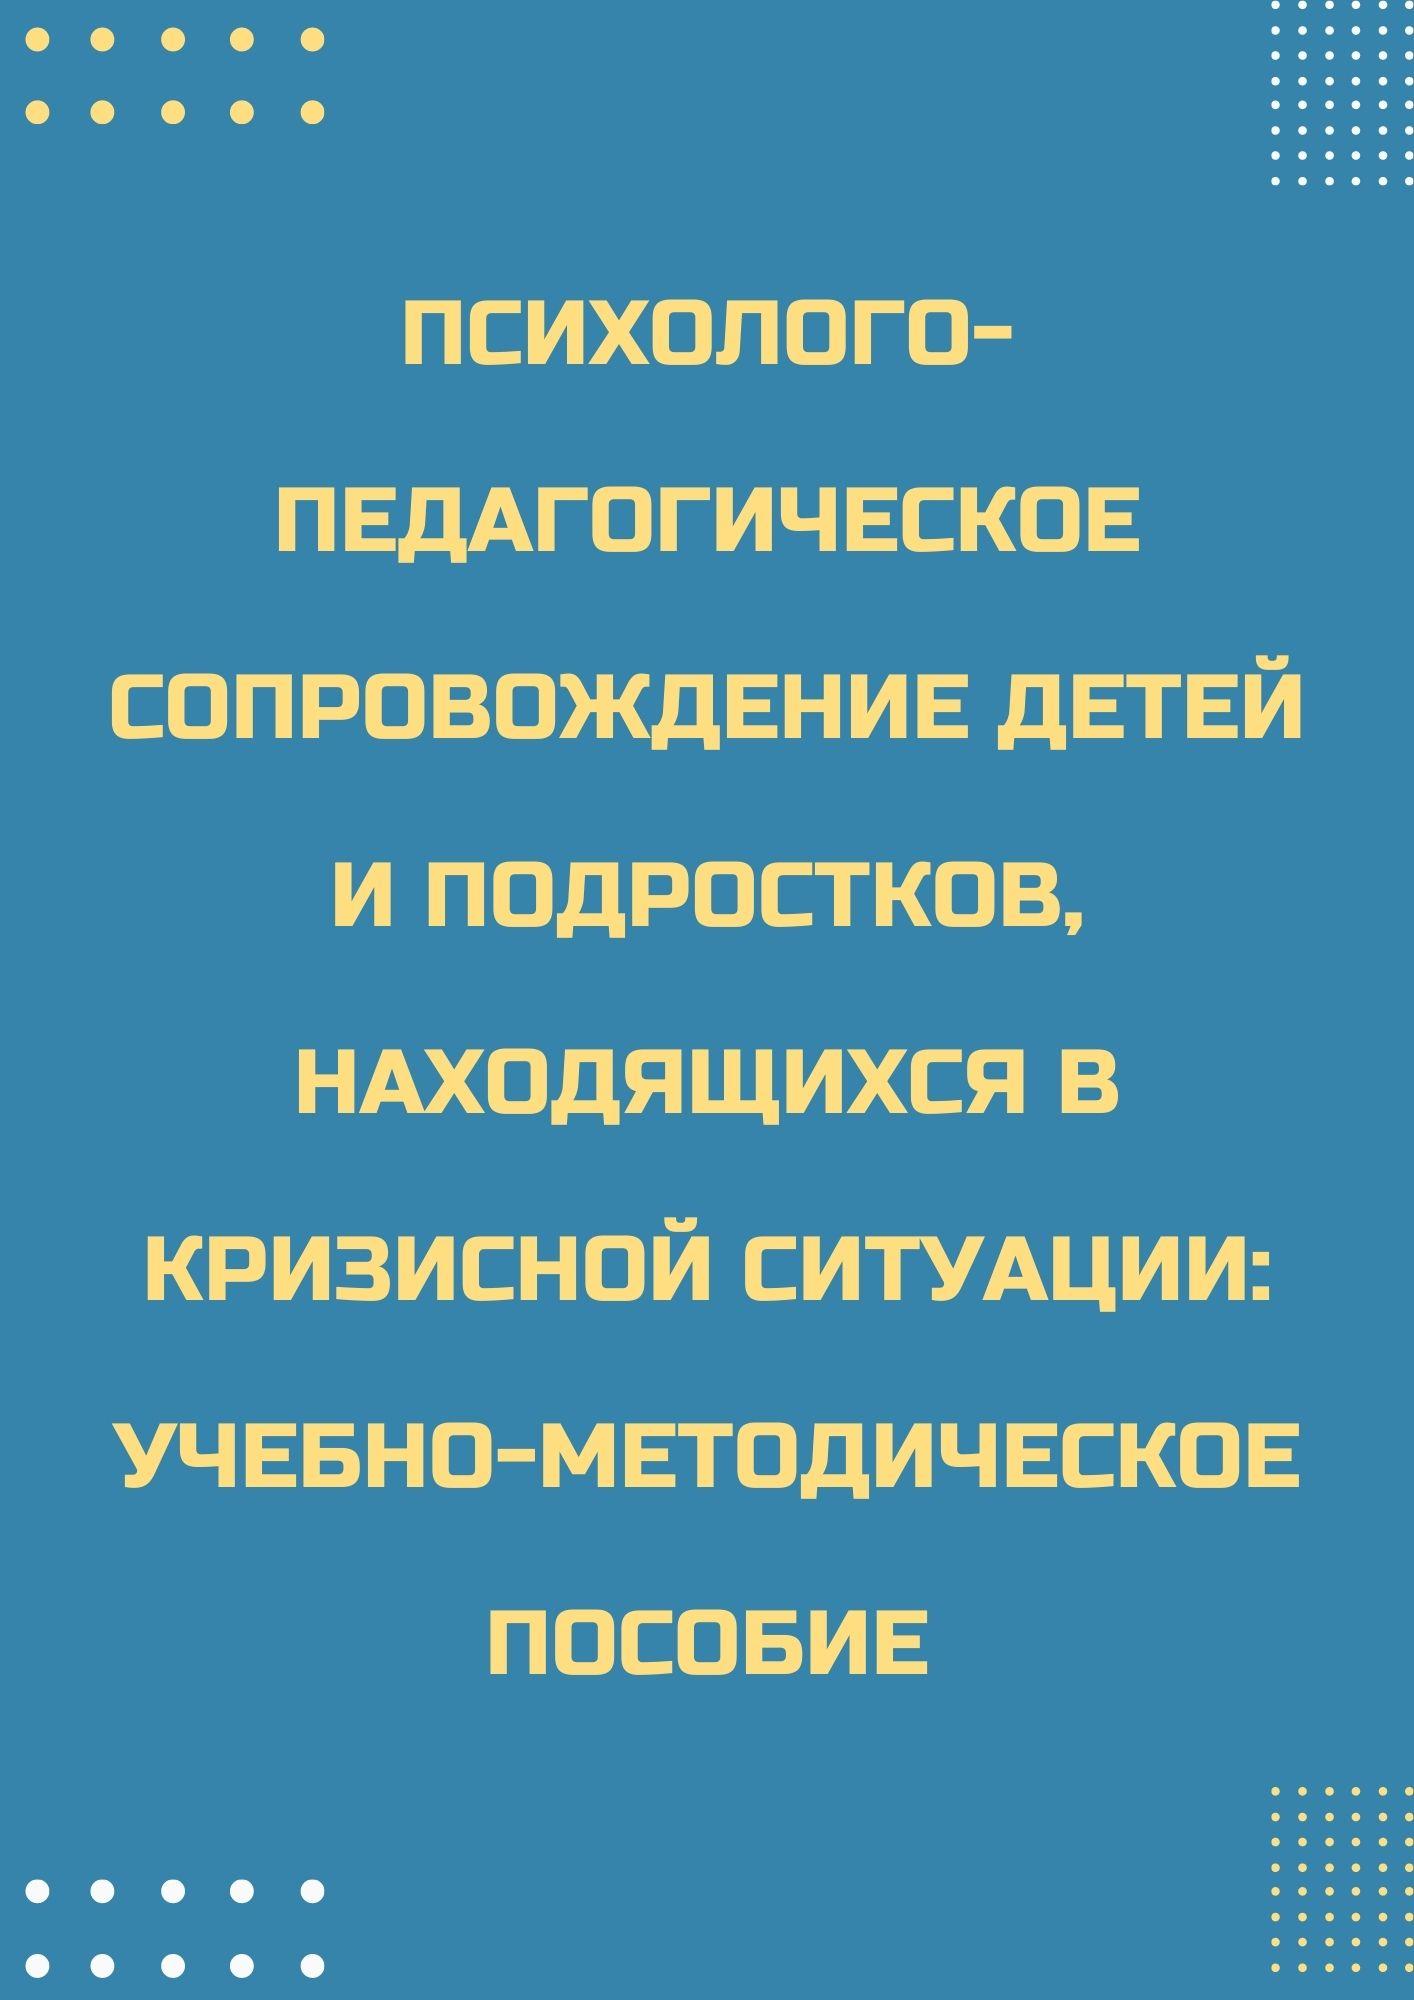 Психолого-педагогическое сопровождение детей и подростков, находящихся в кризисной ситуации: учебно-методическое пособие